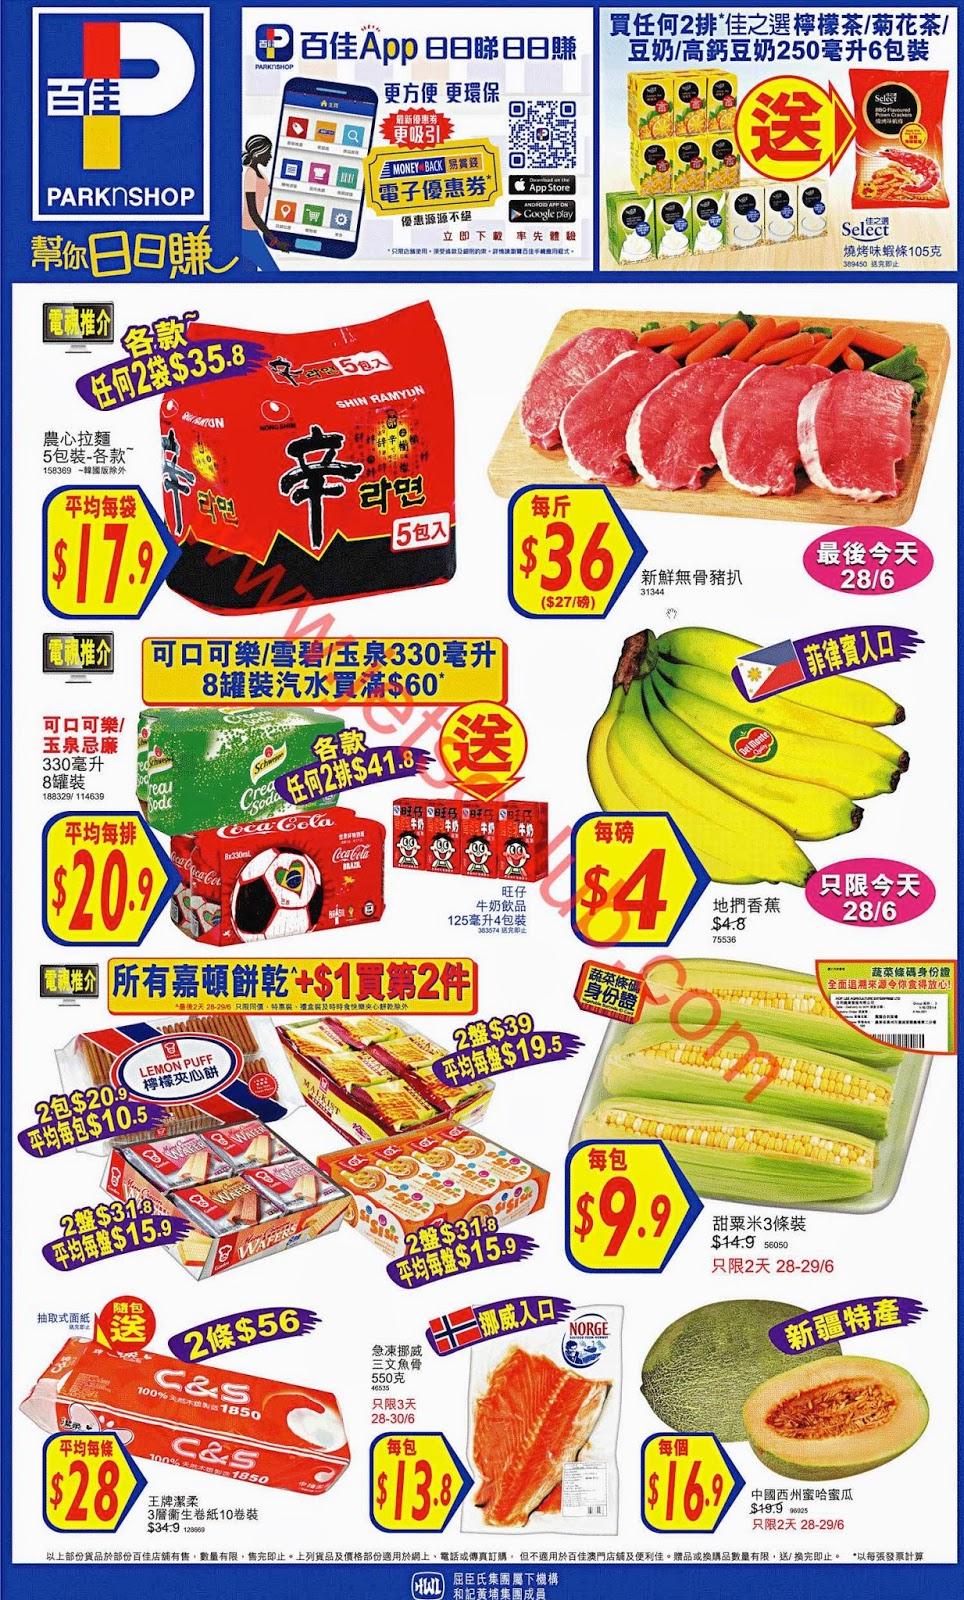 百佳/華潤超級市場最新優惠(28/6) ( Jetso Club 著數俱樂部 )